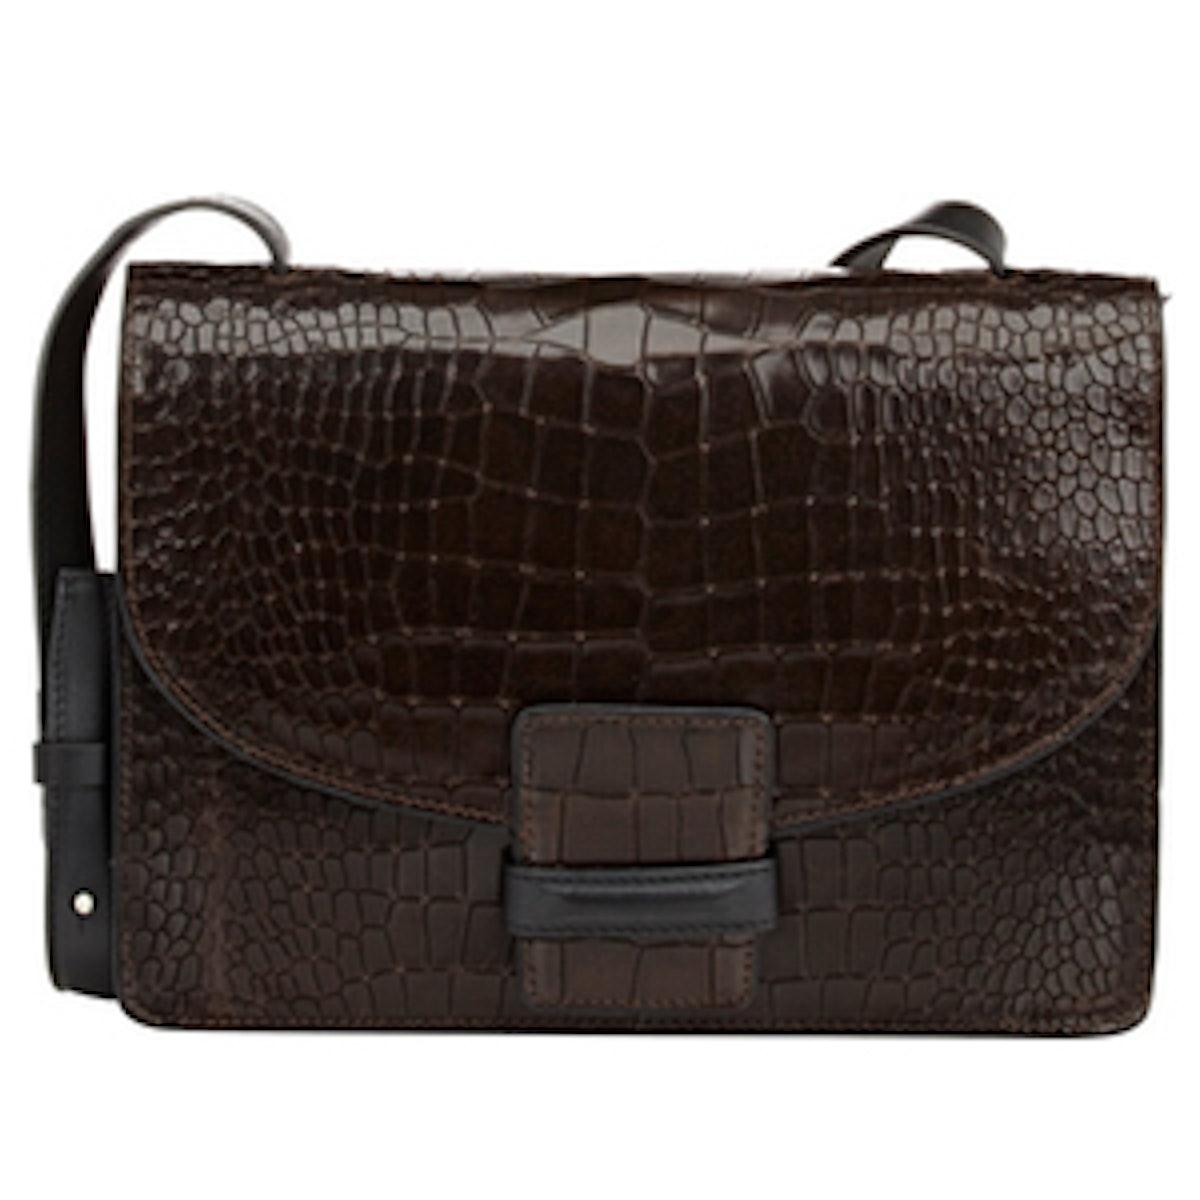 Croc-Stamped Large Shoulder Bag